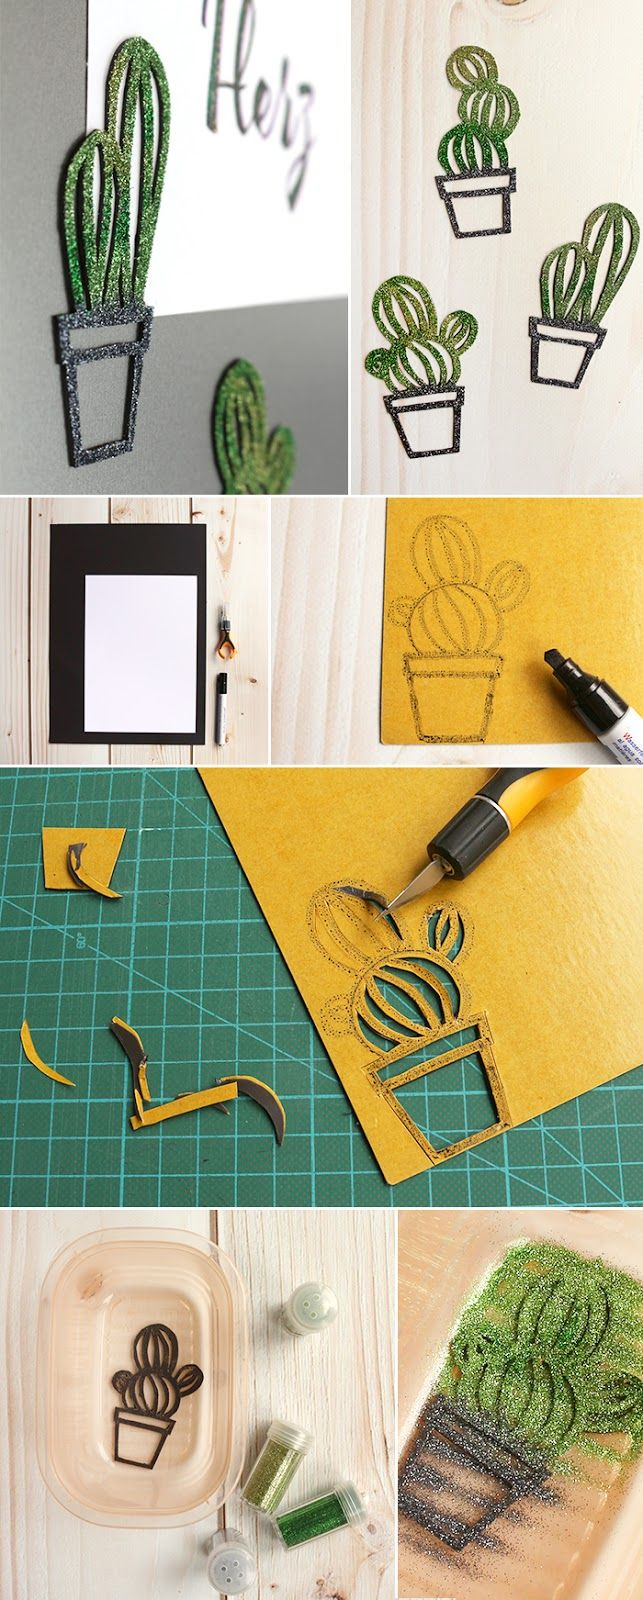 die besten 25 ikea papierlampe ideen auf pinterest. Black Bedroom Furniture Sets. Home Design Ideas